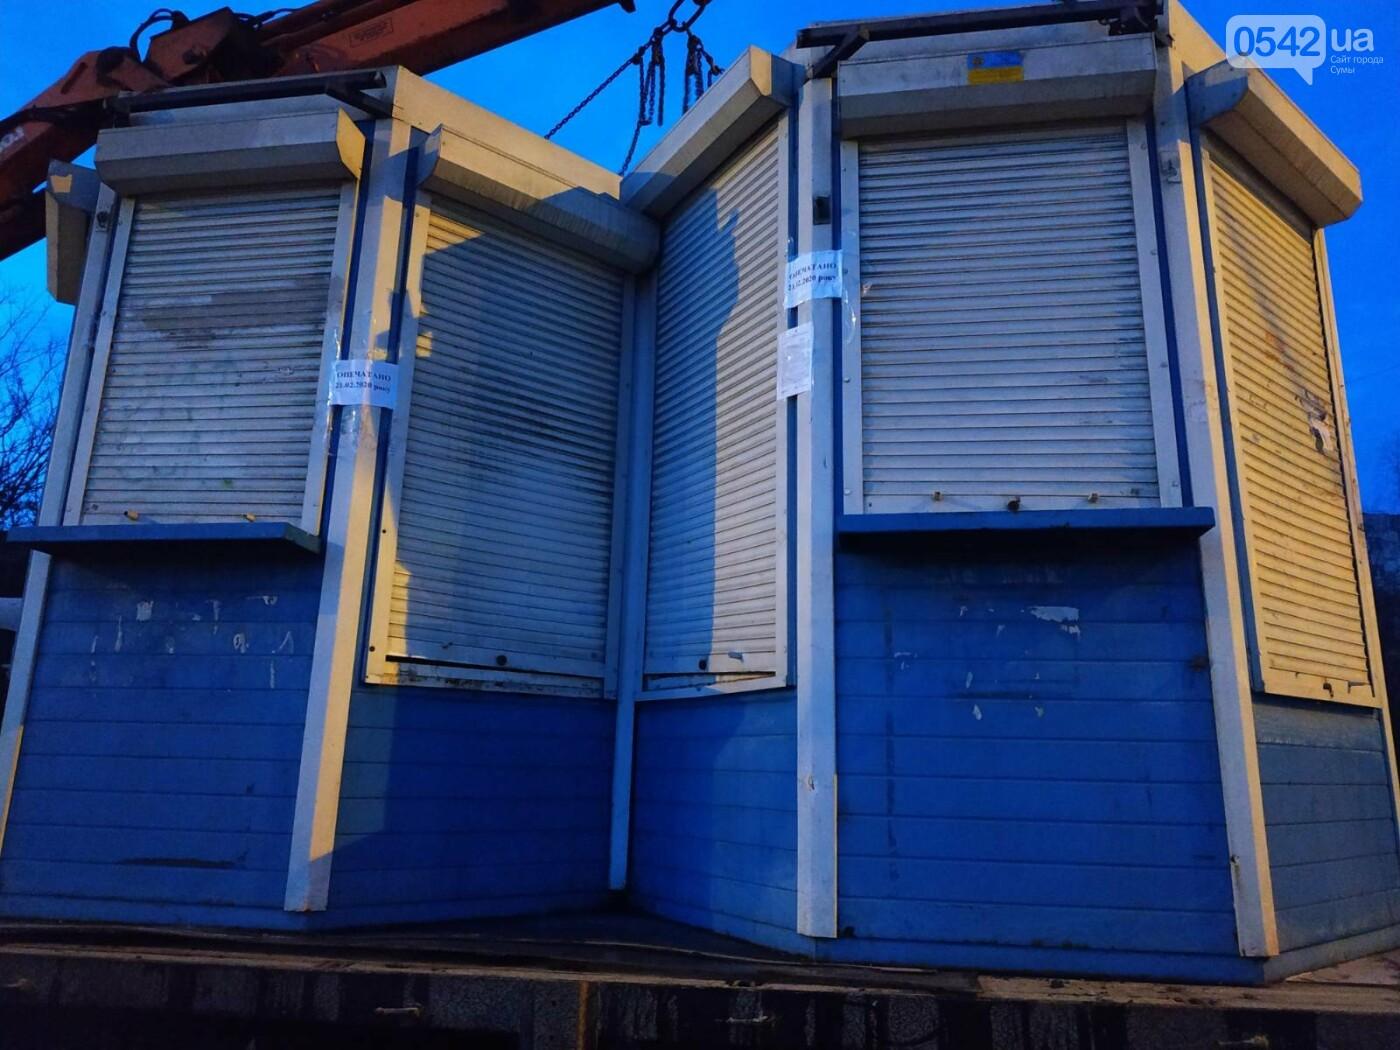 У Сумах триває демонтаж незаконних тимчасових споруд, фото-2